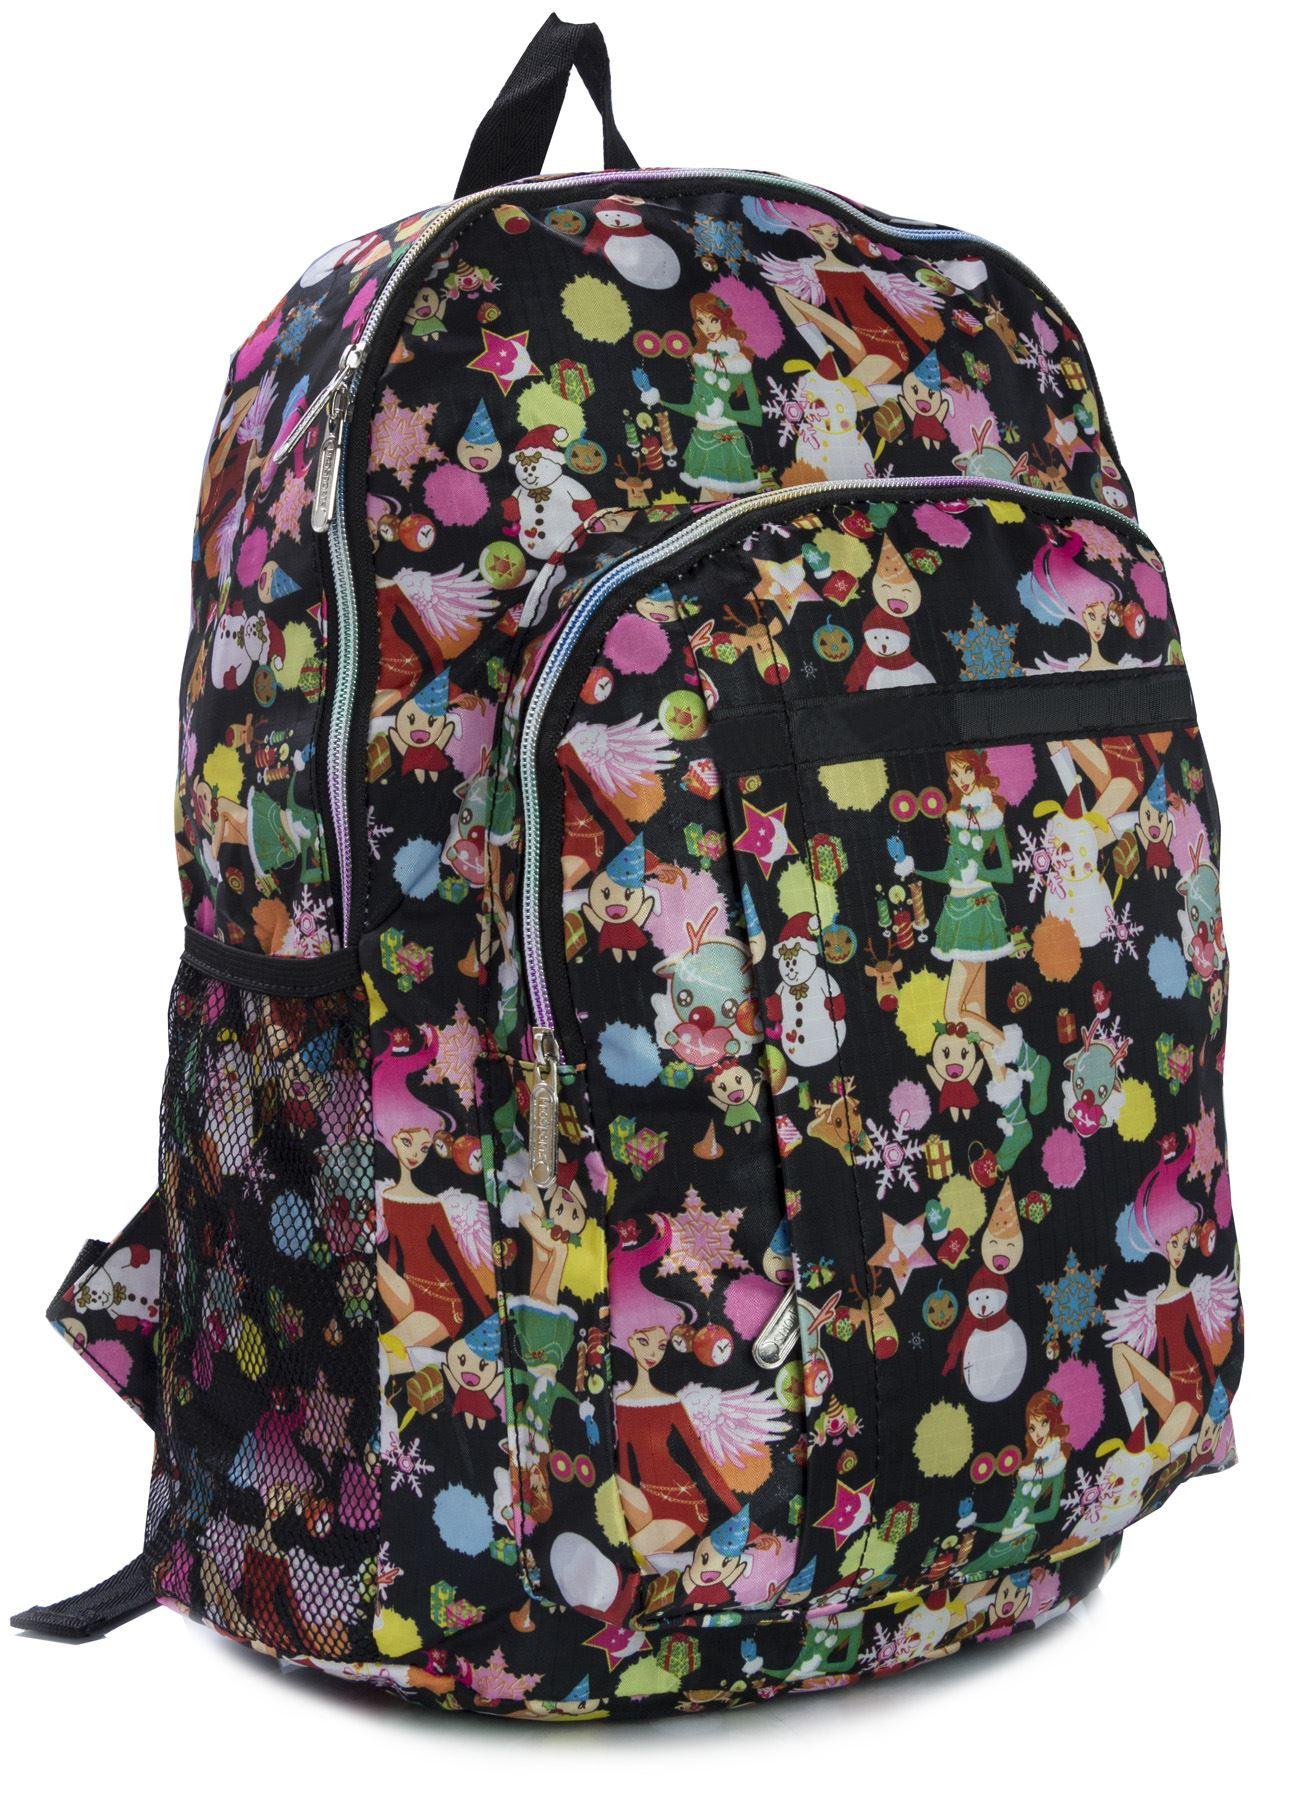 Big Handbag Shop UNISEX Taschen mit Reißverschluss Cartoon leicht groß Rucksack